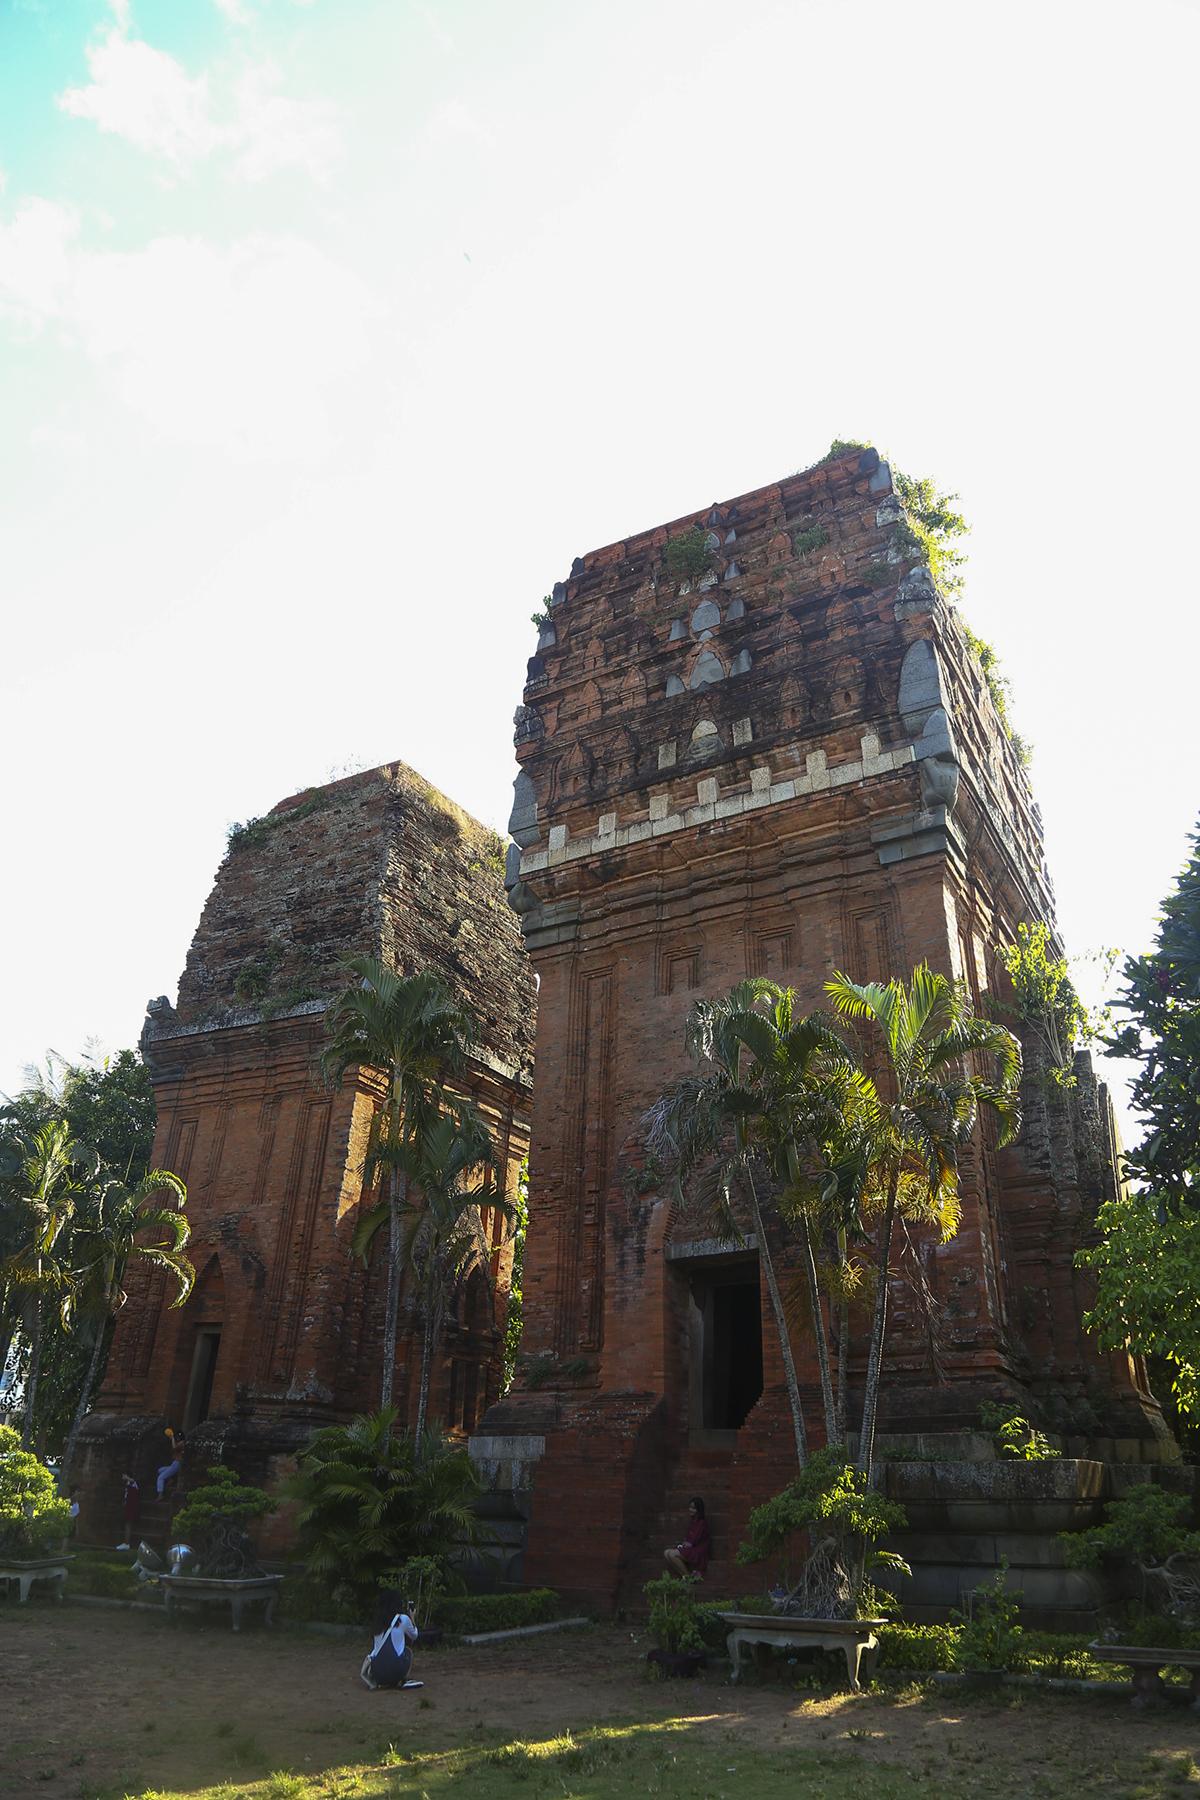 Là vùng đất có gần 5 thế kỷ giữ vai trò trung tâm của nhà nước Chămpa. Trải qua bao thăng trầm của lịch sử, nhưng văn hóa Chămpa ở đây vẫn phát triển và lưu lại nhiều dấu ấn lịch sử, văn hóa cho đến ngày nay. Tháp Hưng Thạnh (TP Quy Nhơn) được xây dựng vào cuối thế kỉ XII, có kiến trúc đặc trưng của tháp Chăm chịu ảnh hưởng phong cách nghệ thuật Khmer thời Ancovat-Bayon.